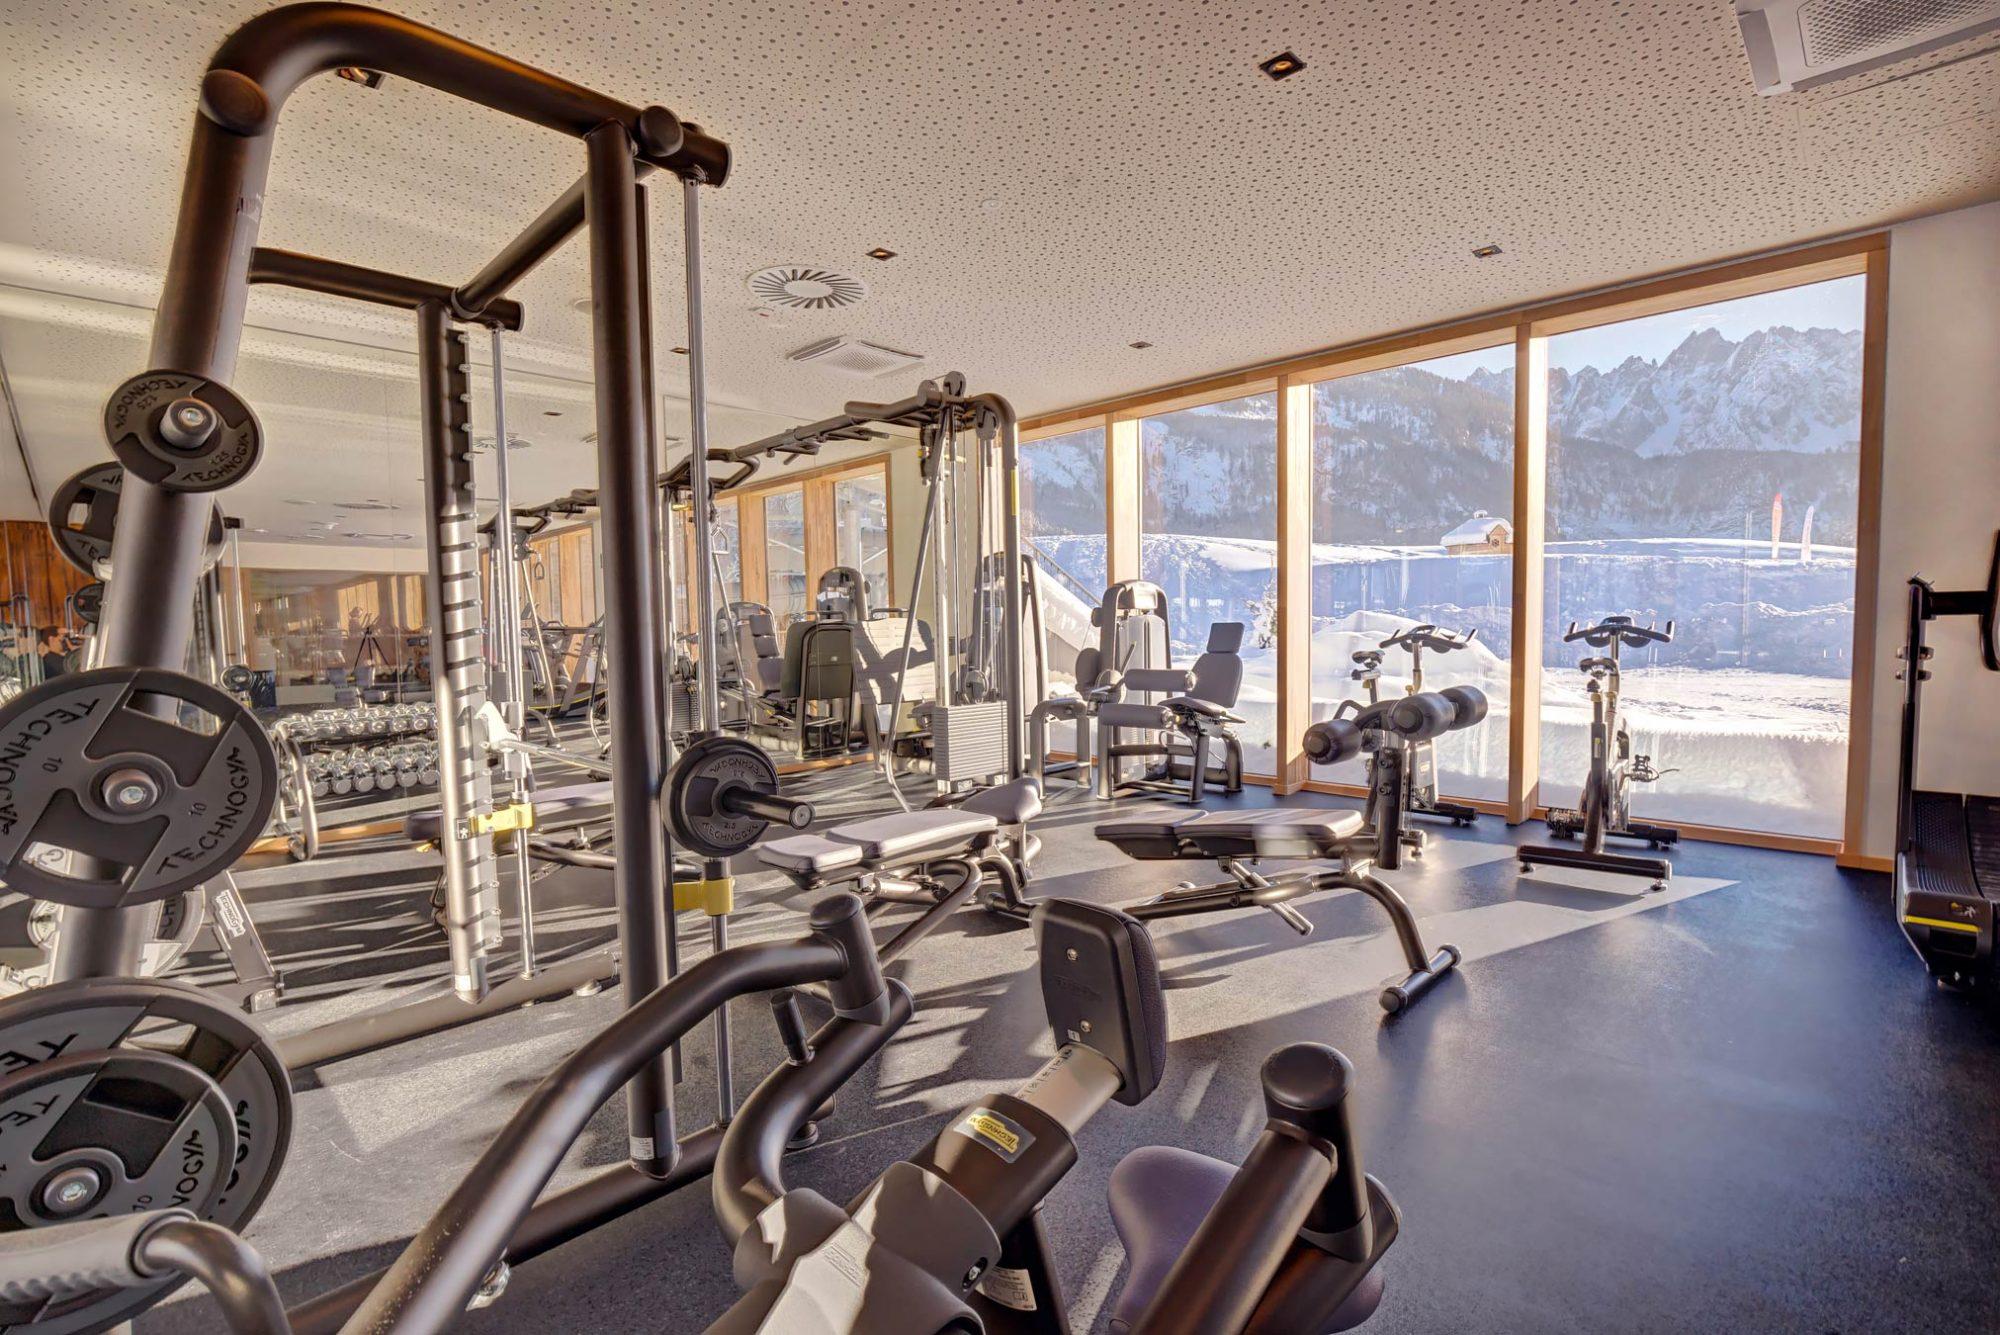 Fitnessraum klein (www.360perspektiven.at)